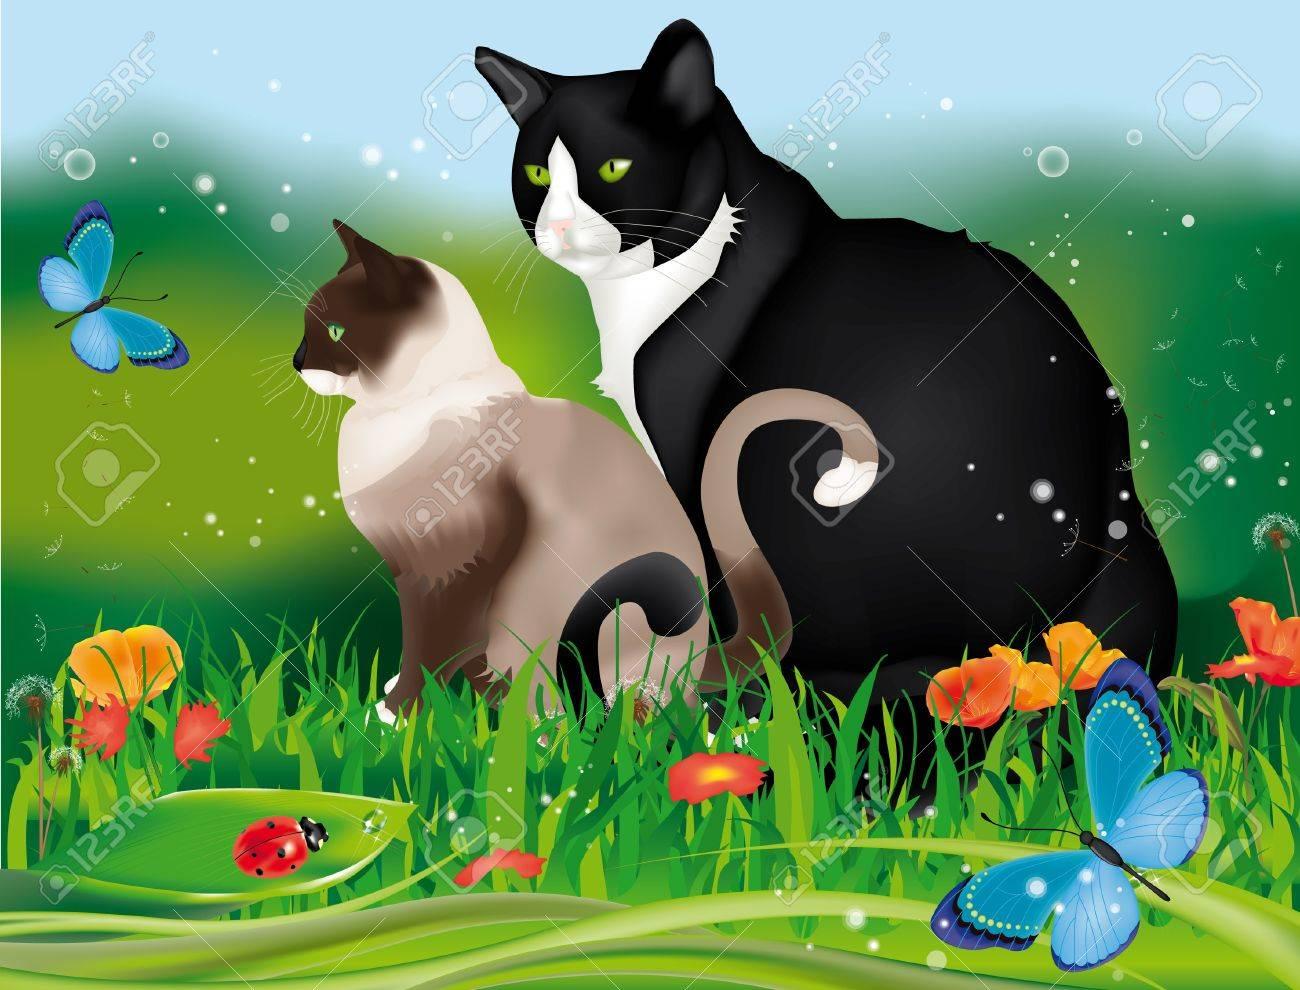 Schöne Zwei Katzen Im Garten Unter Gras, Blumen, Marienkäfer Und ... Blumen Schmetterlinge Im Garten